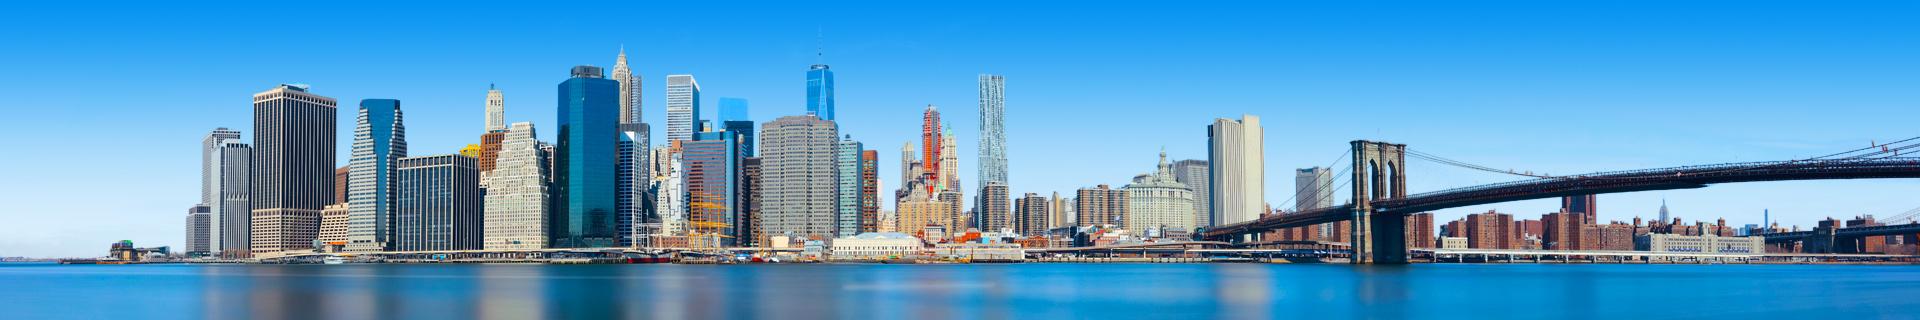 Skyline van een stad in de Verenigde Staten